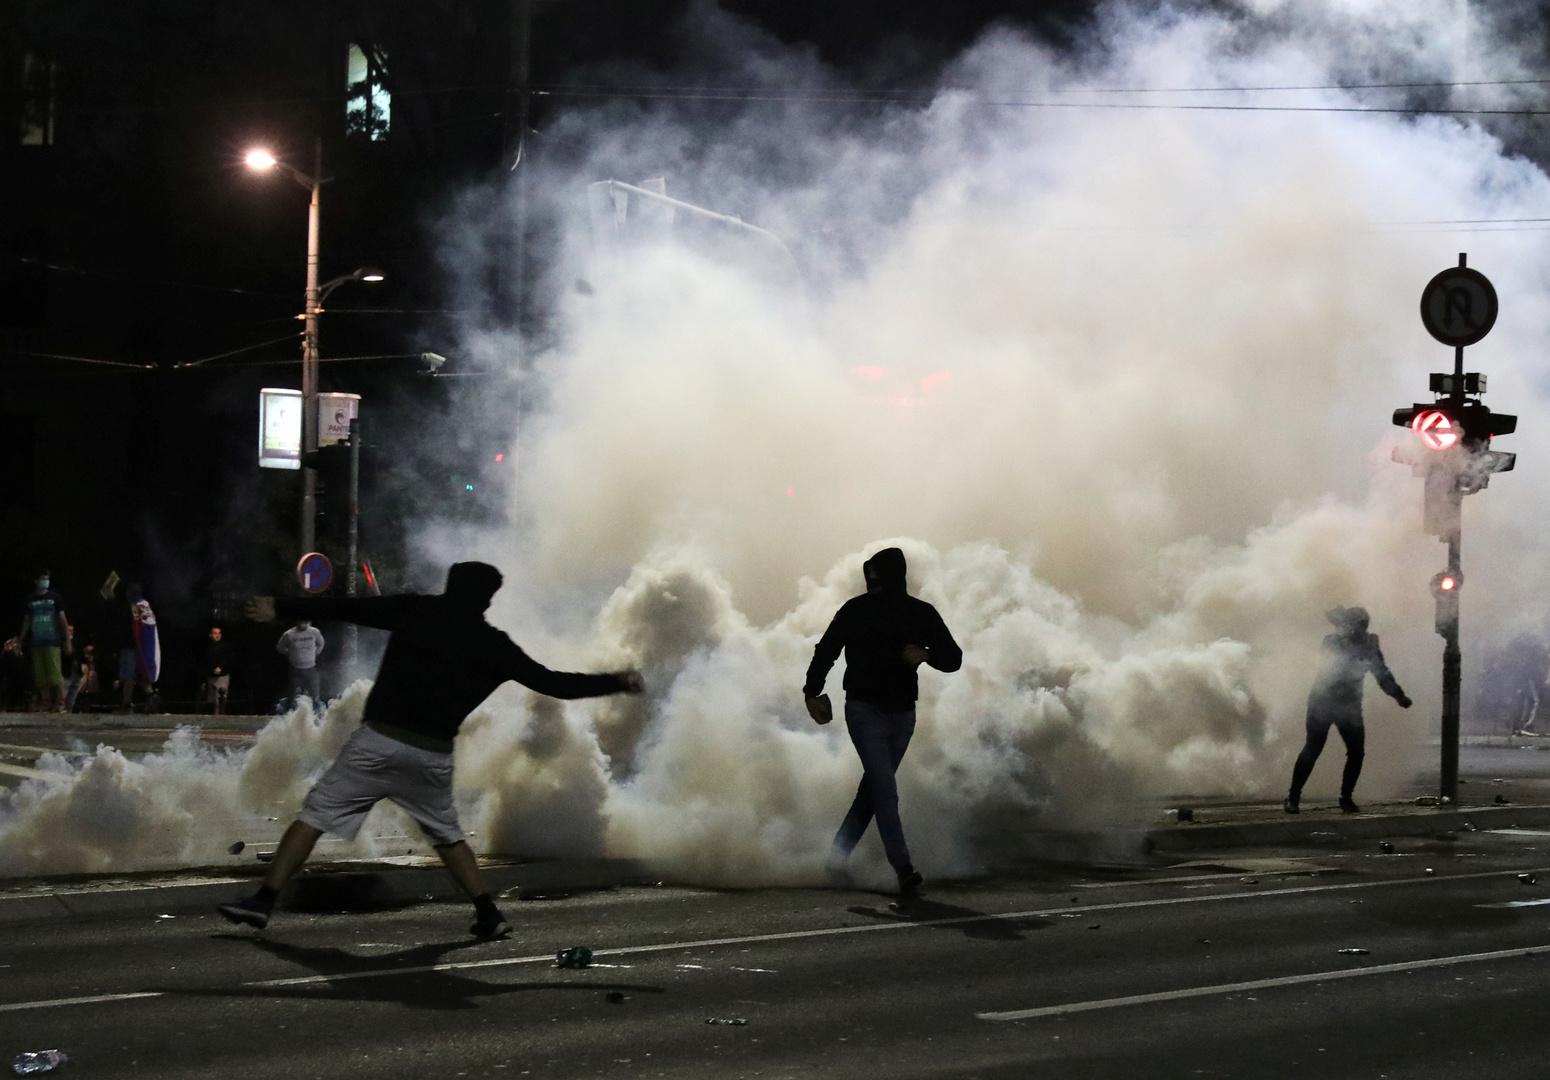 Covid-19: intenses débordements nocturnes à Belgrade après l'annonce gouvernementale d'un couvre-feu